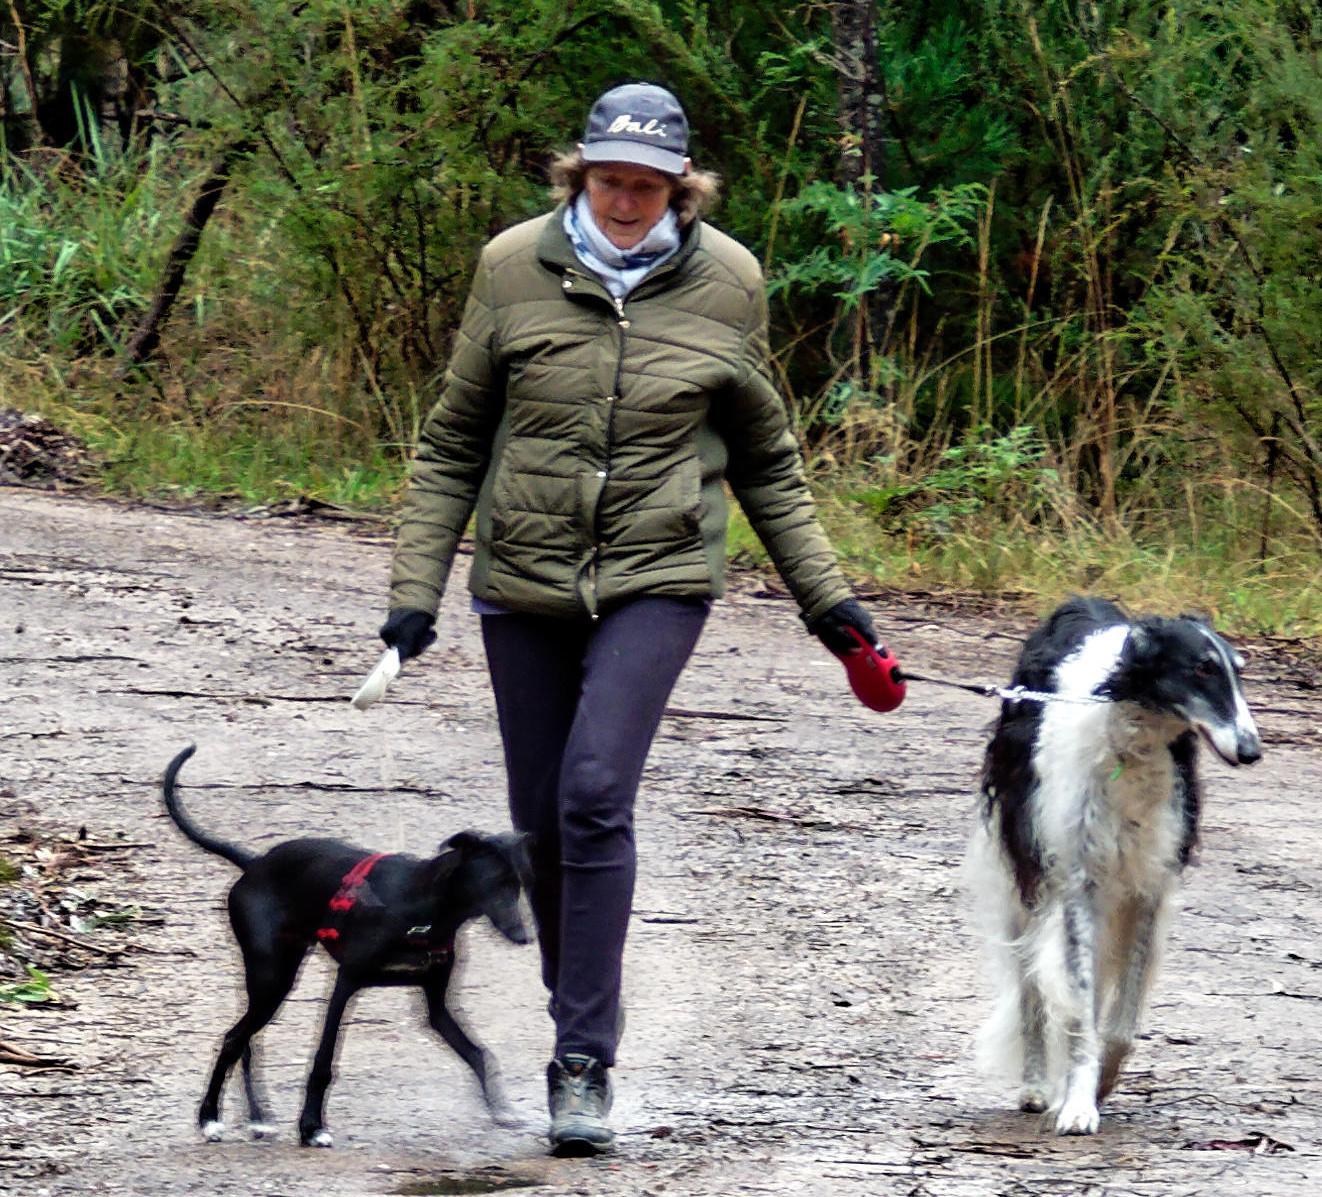 Walking-dogs-6-detail.jpeg